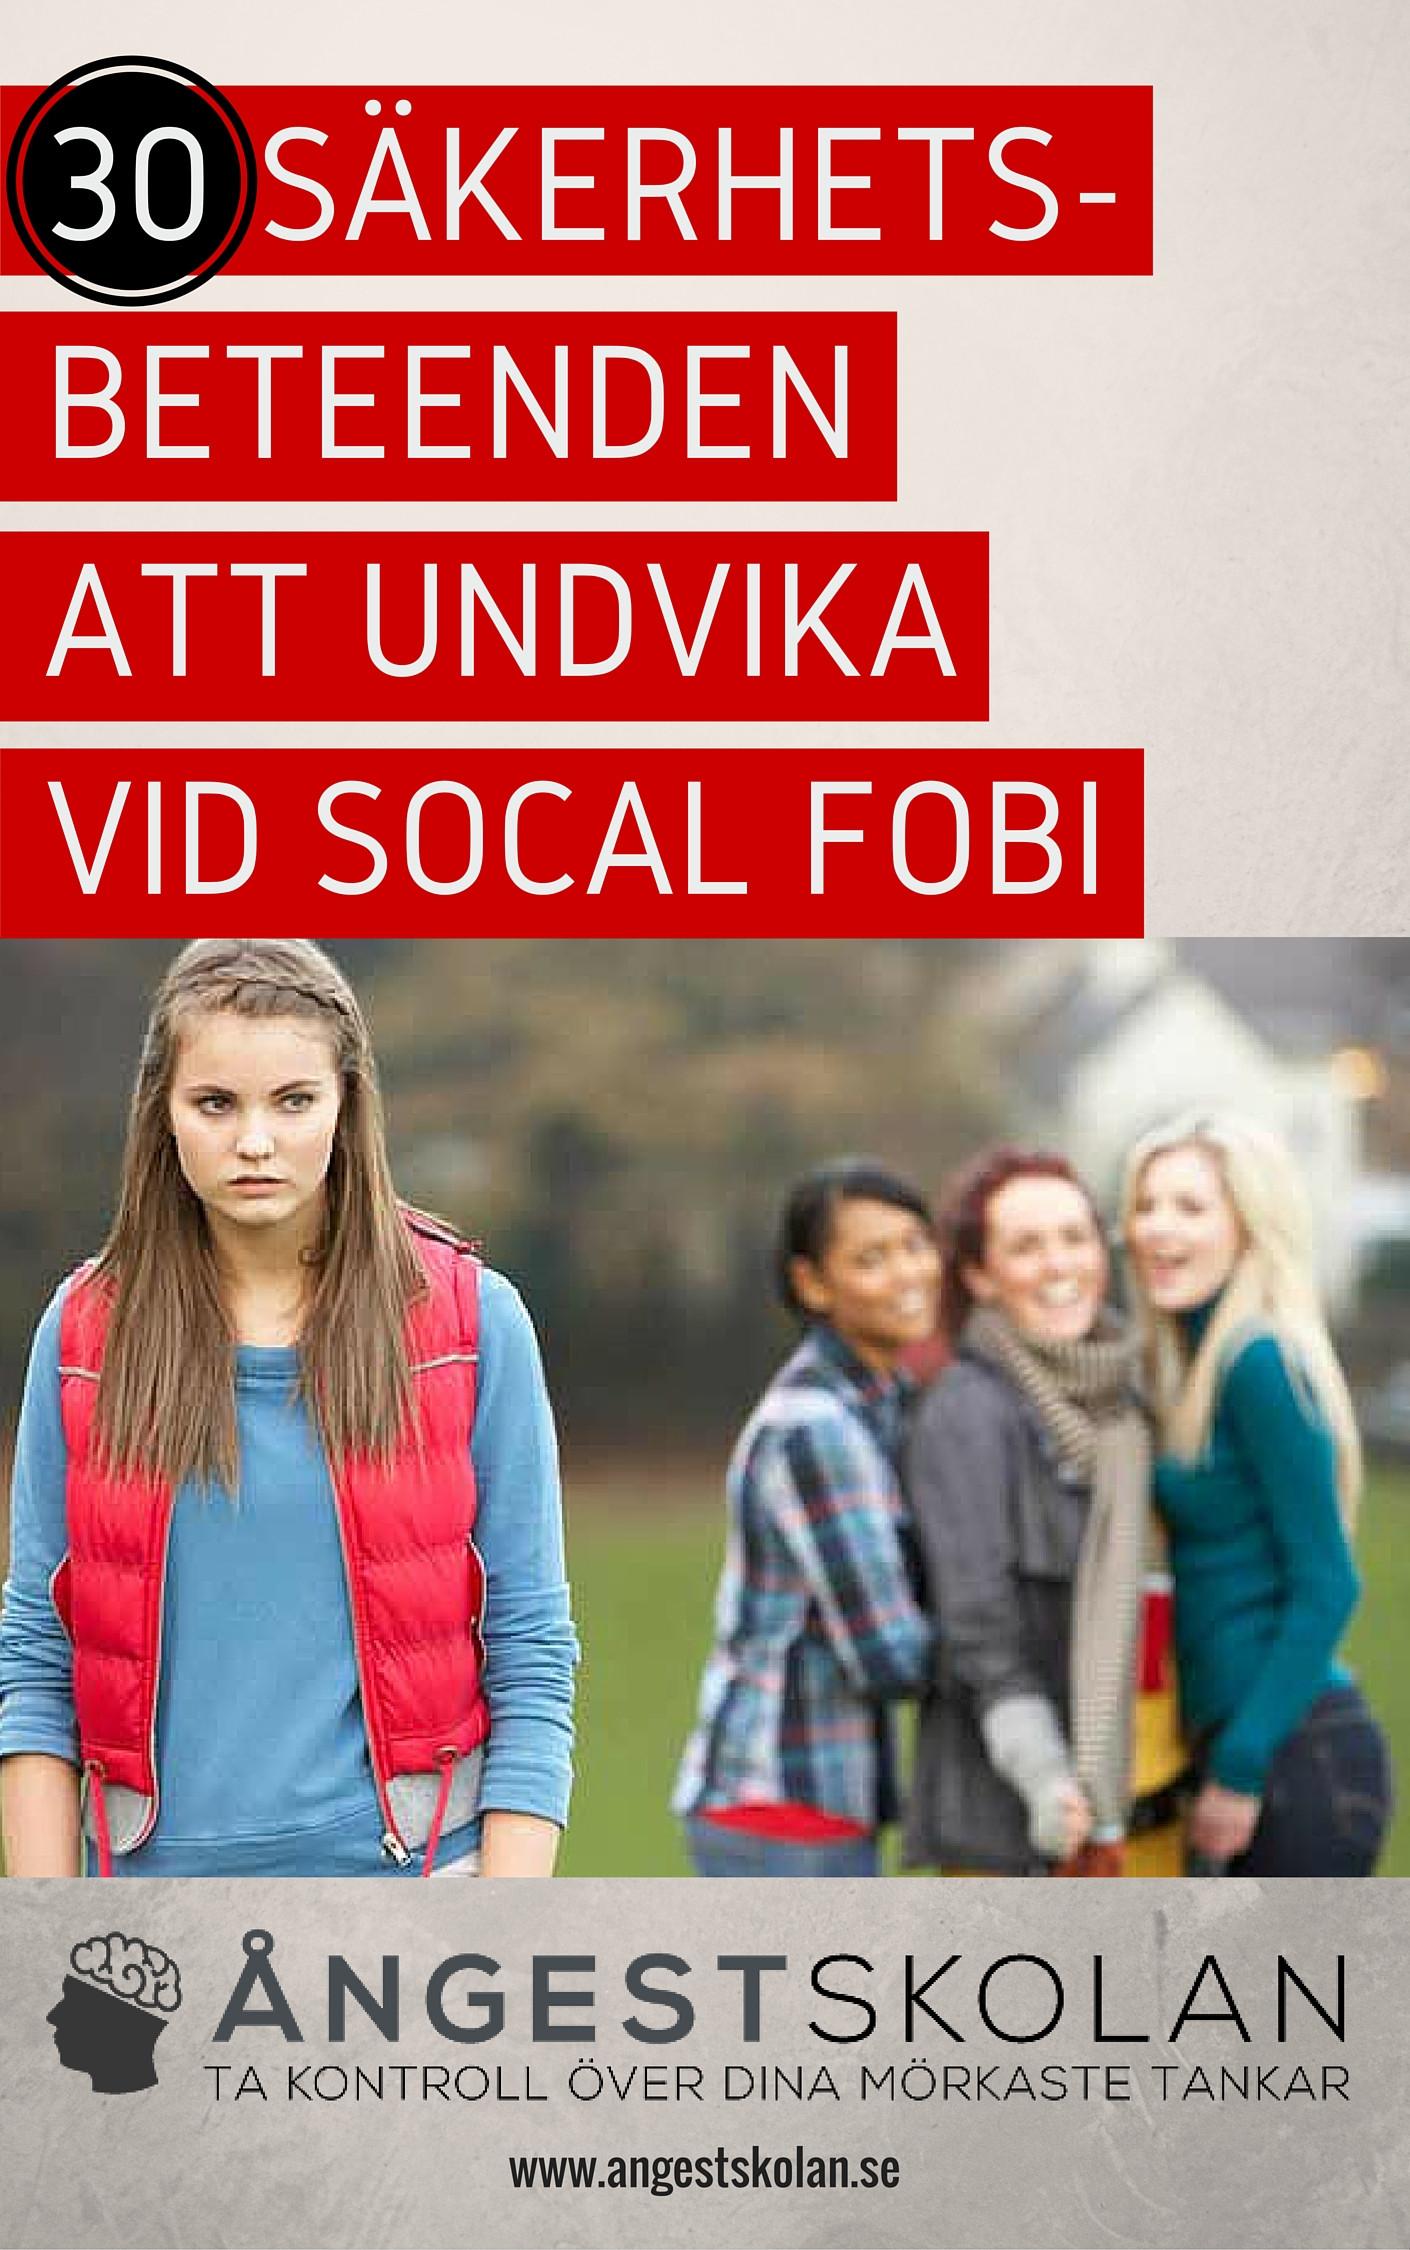 Dejtingsida för social fobi